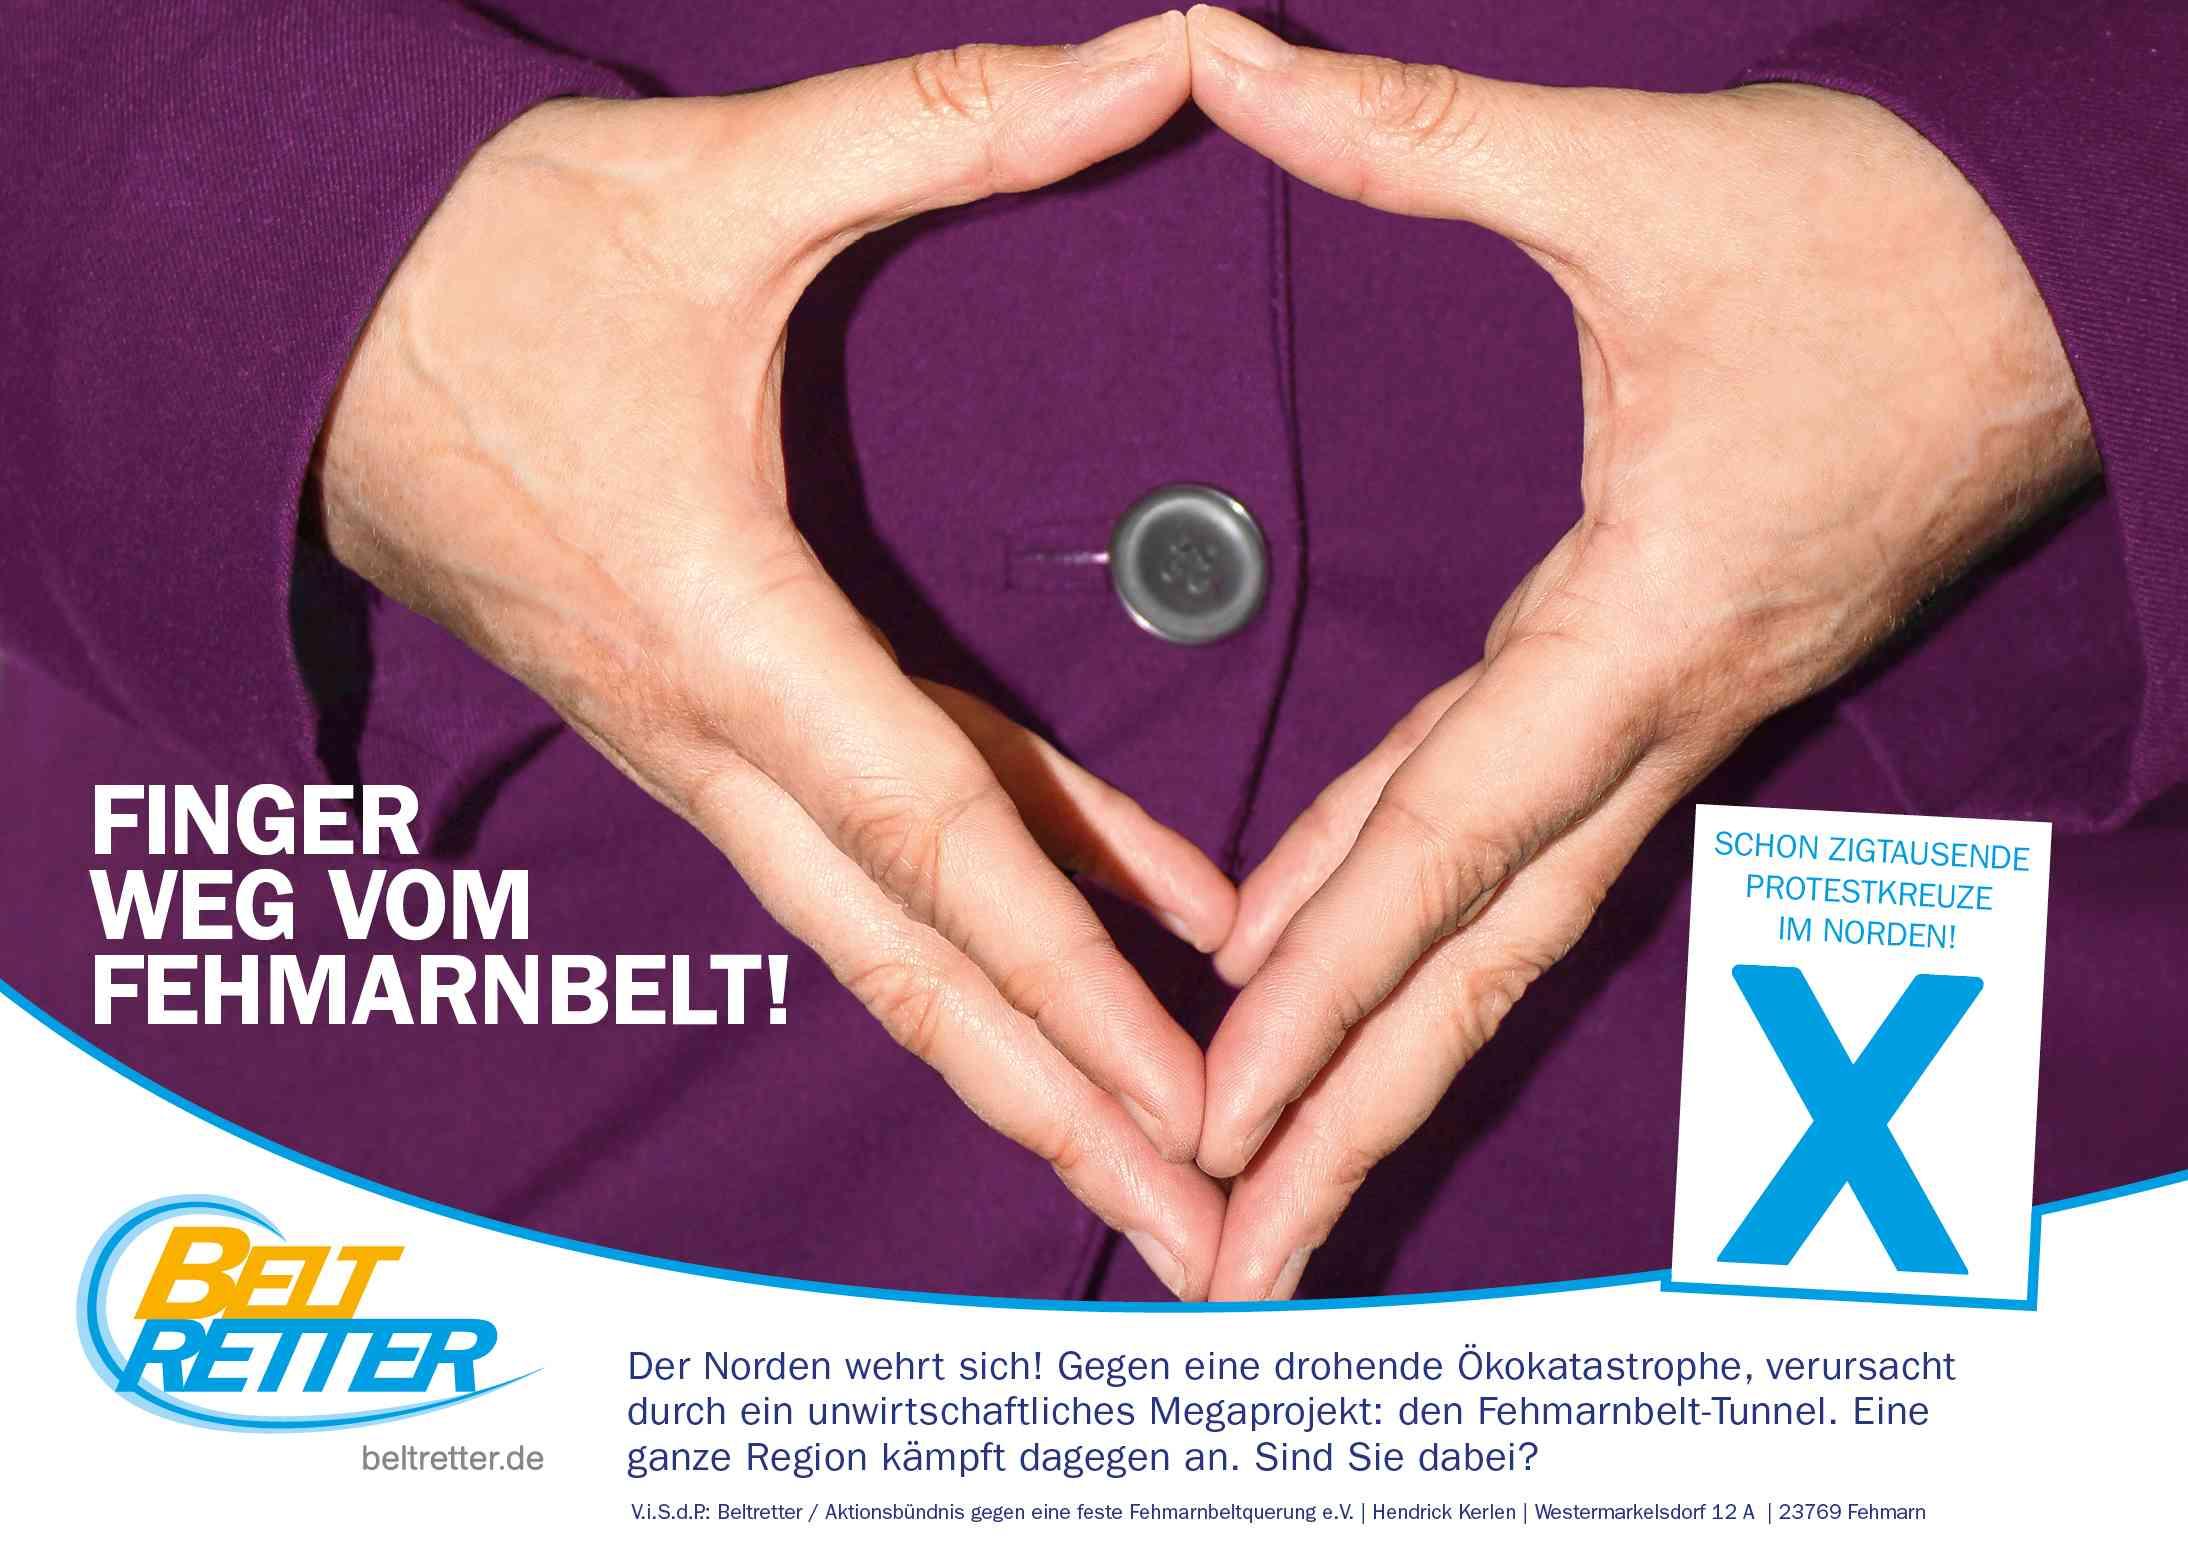 Die BELTRETTER schalten eine halbseitige Anzeige im Berliner Tagesspiegel – unmittelbar am Sitz der Bundesregierung